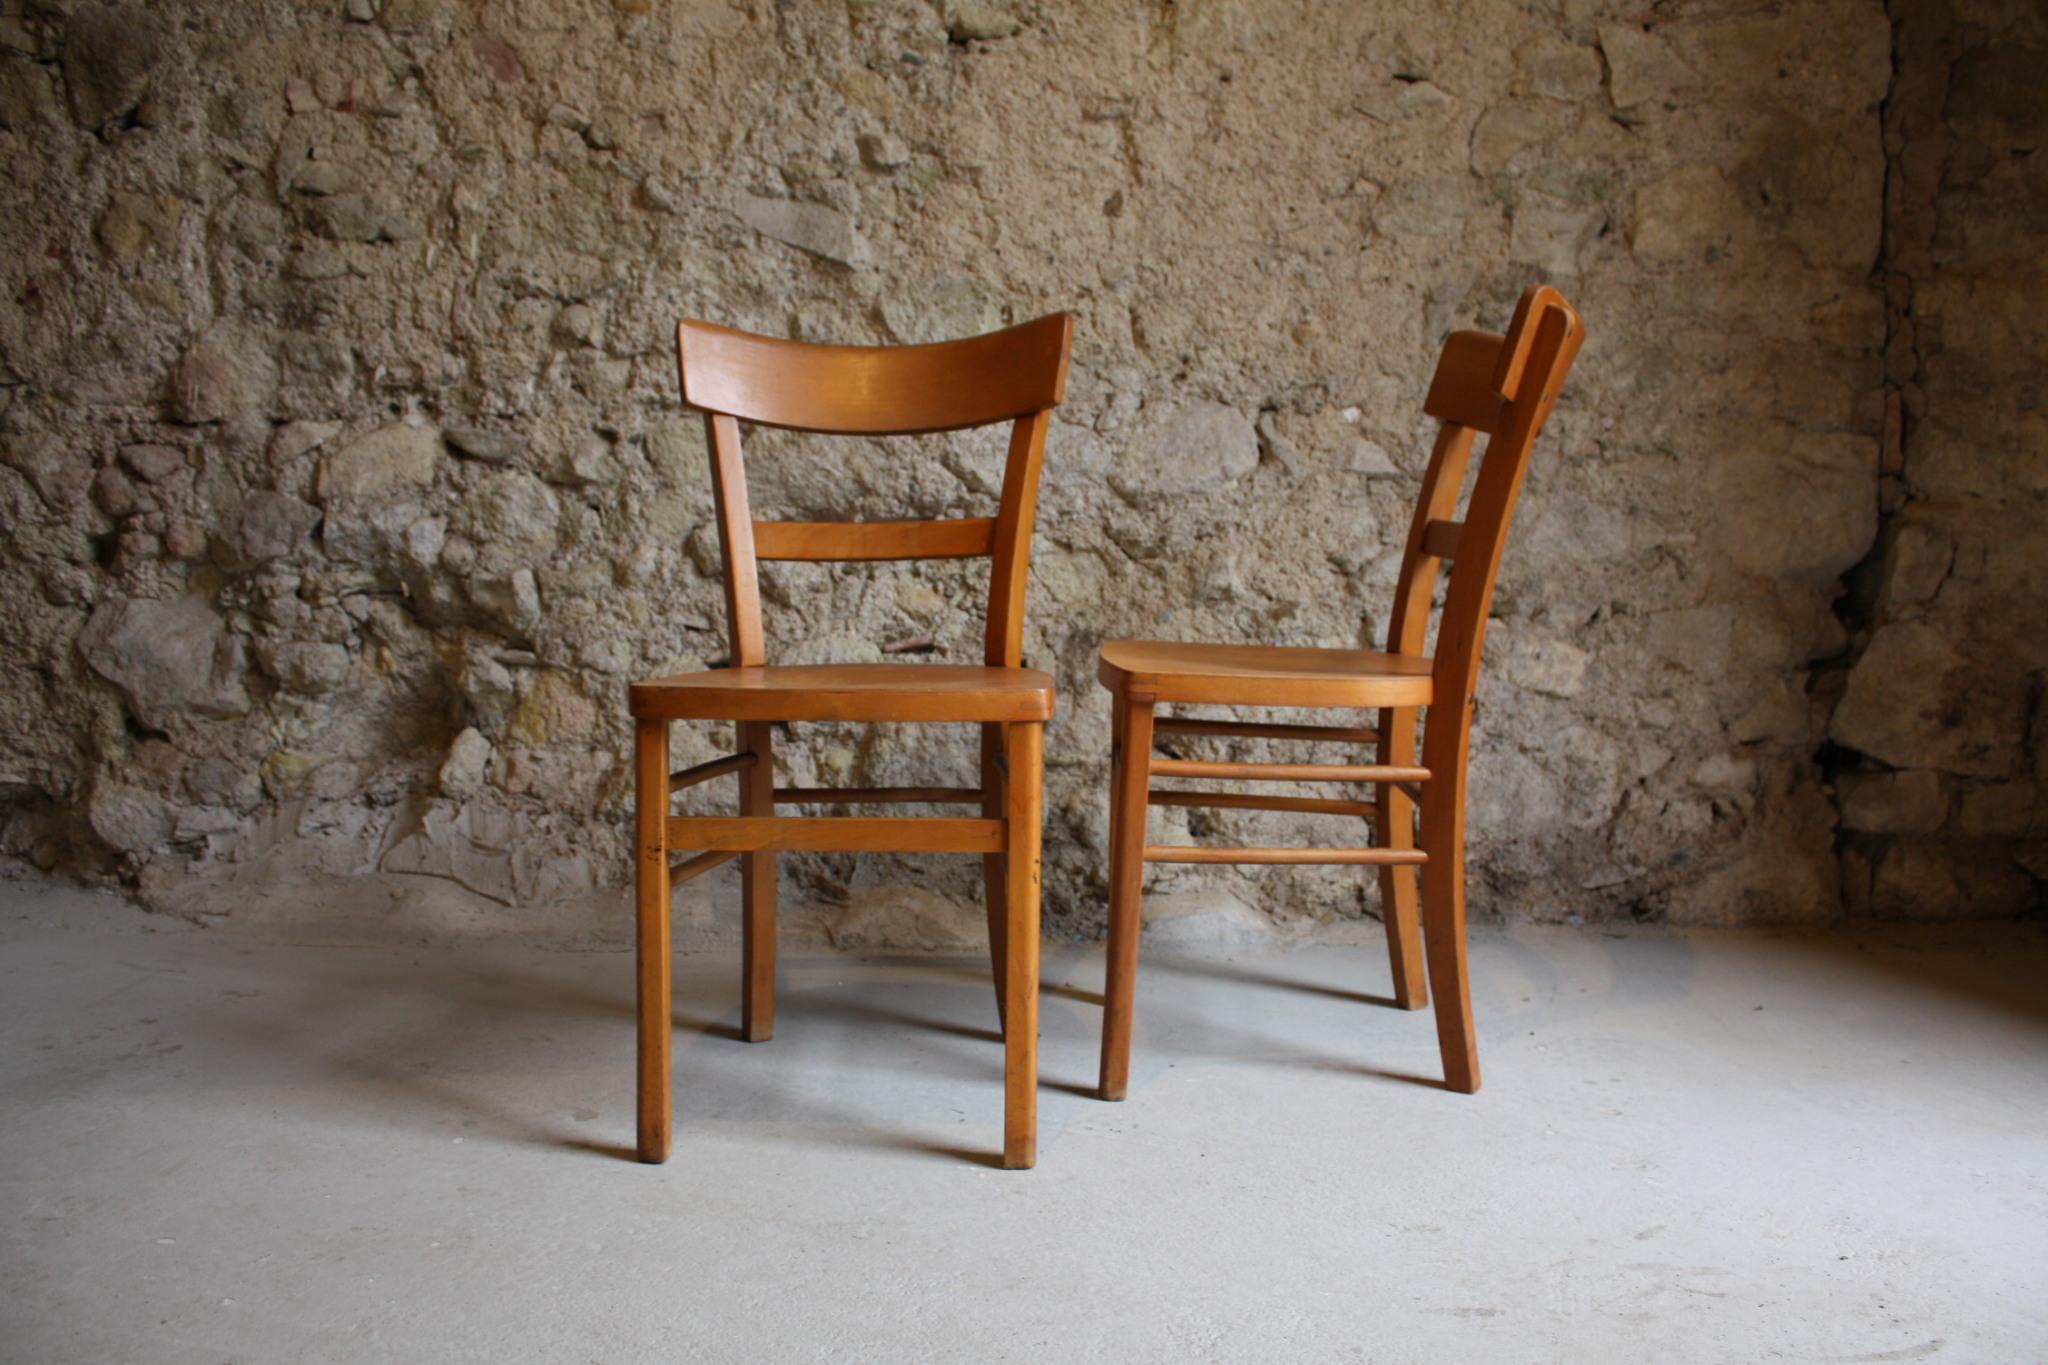 frankfurter-stuhle-buche-holz-alt-gebraucht-antik-vintage-design-klassiker-6